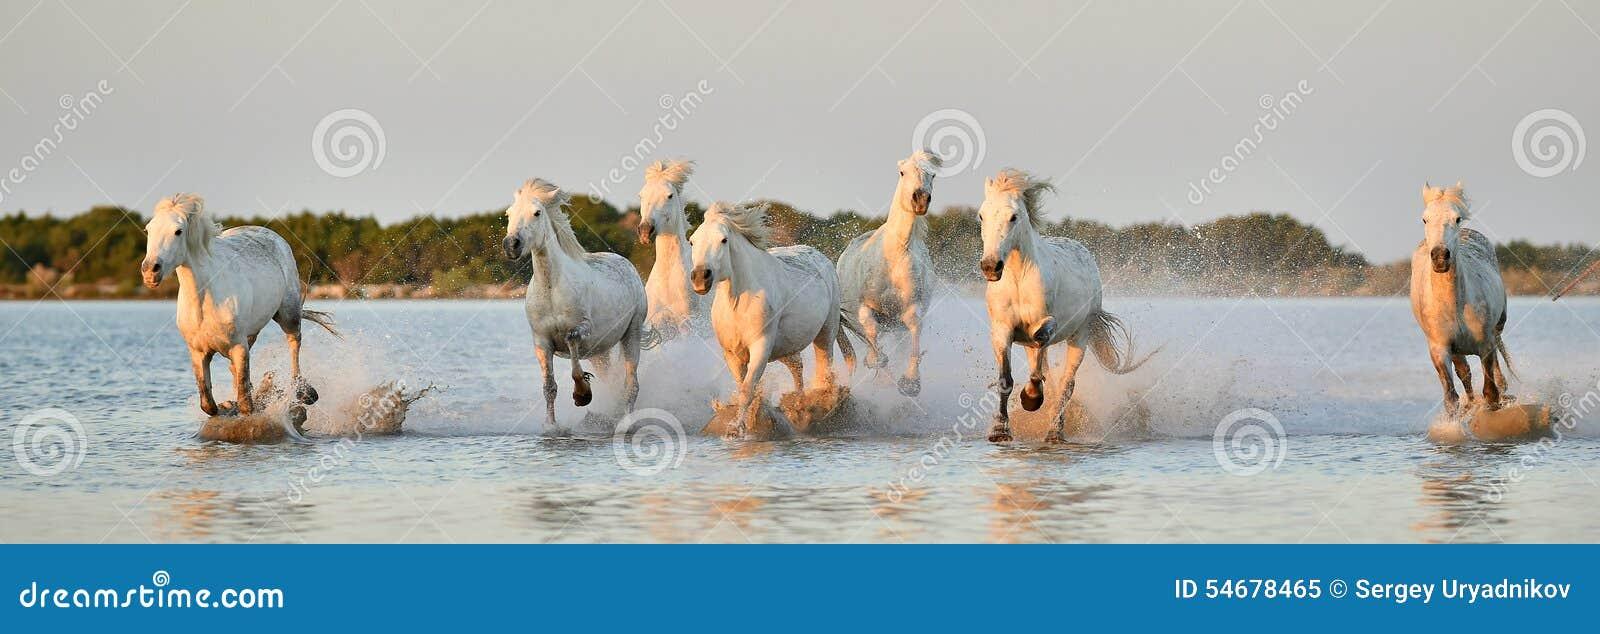 Manada de los caballos blancos de Camargue que corren a través del agua